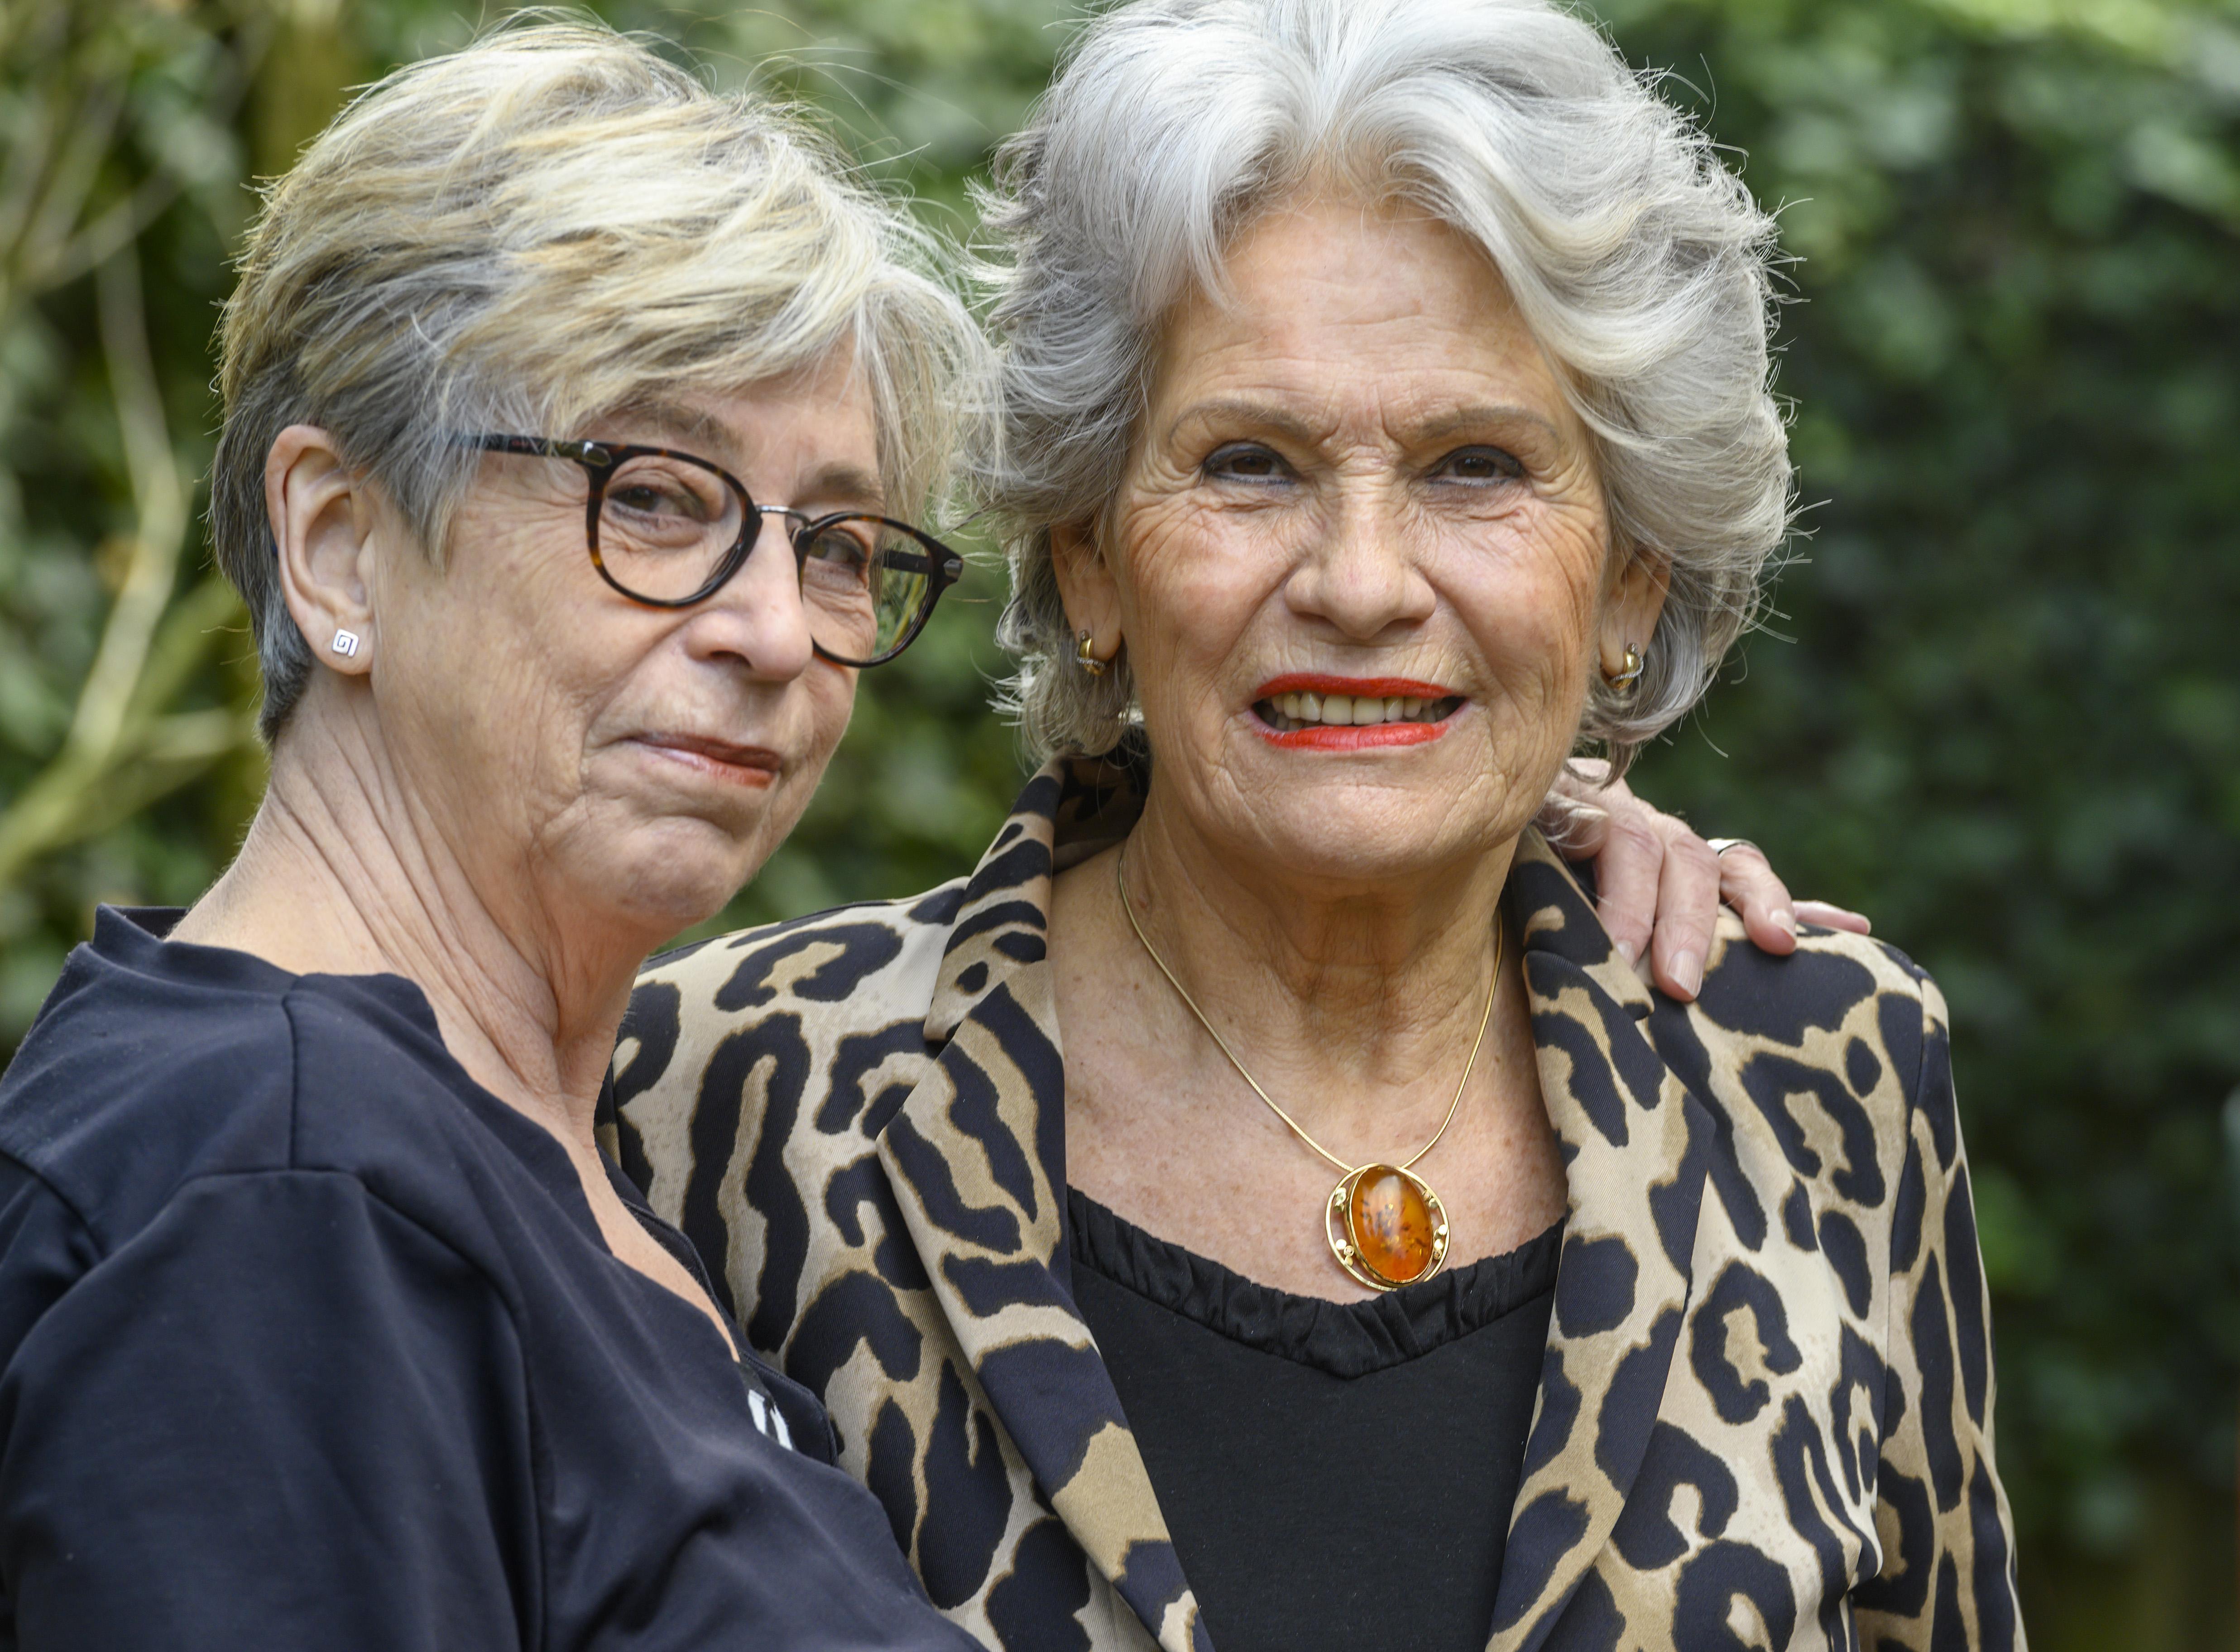 Gea Beukema en Charlotte Krop portretteerden vijftig actieve zeventigers: Niet alleen 'ons soort mensen'